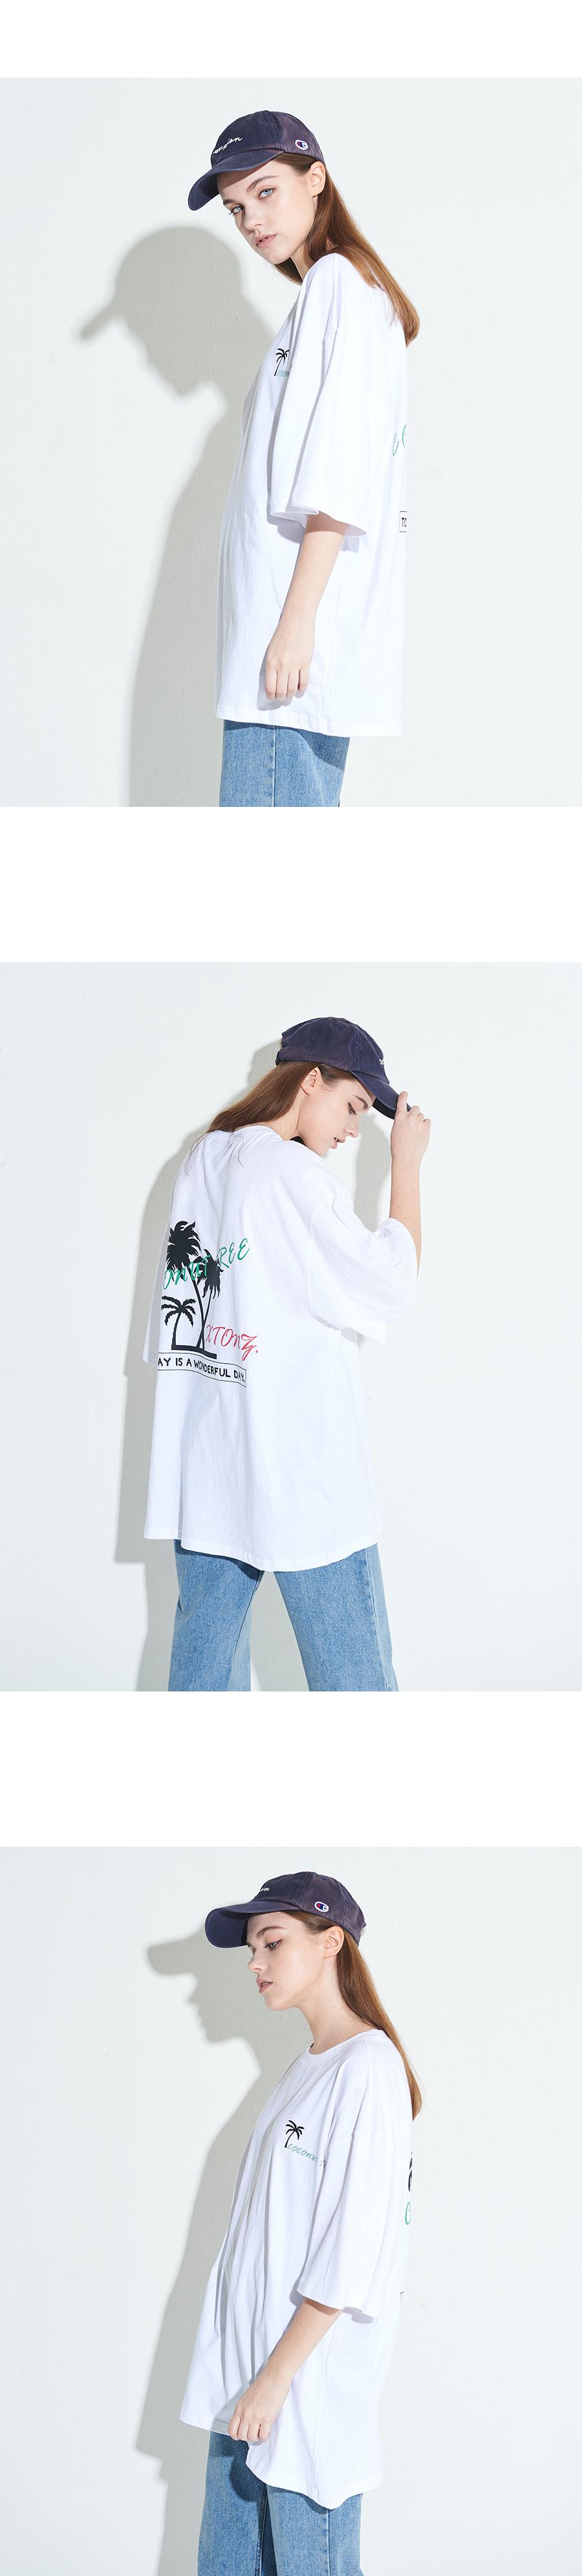 엑스톤즈 XT18 코코넛 트리 오버핏 반팔 티셔츠 (WHITE)